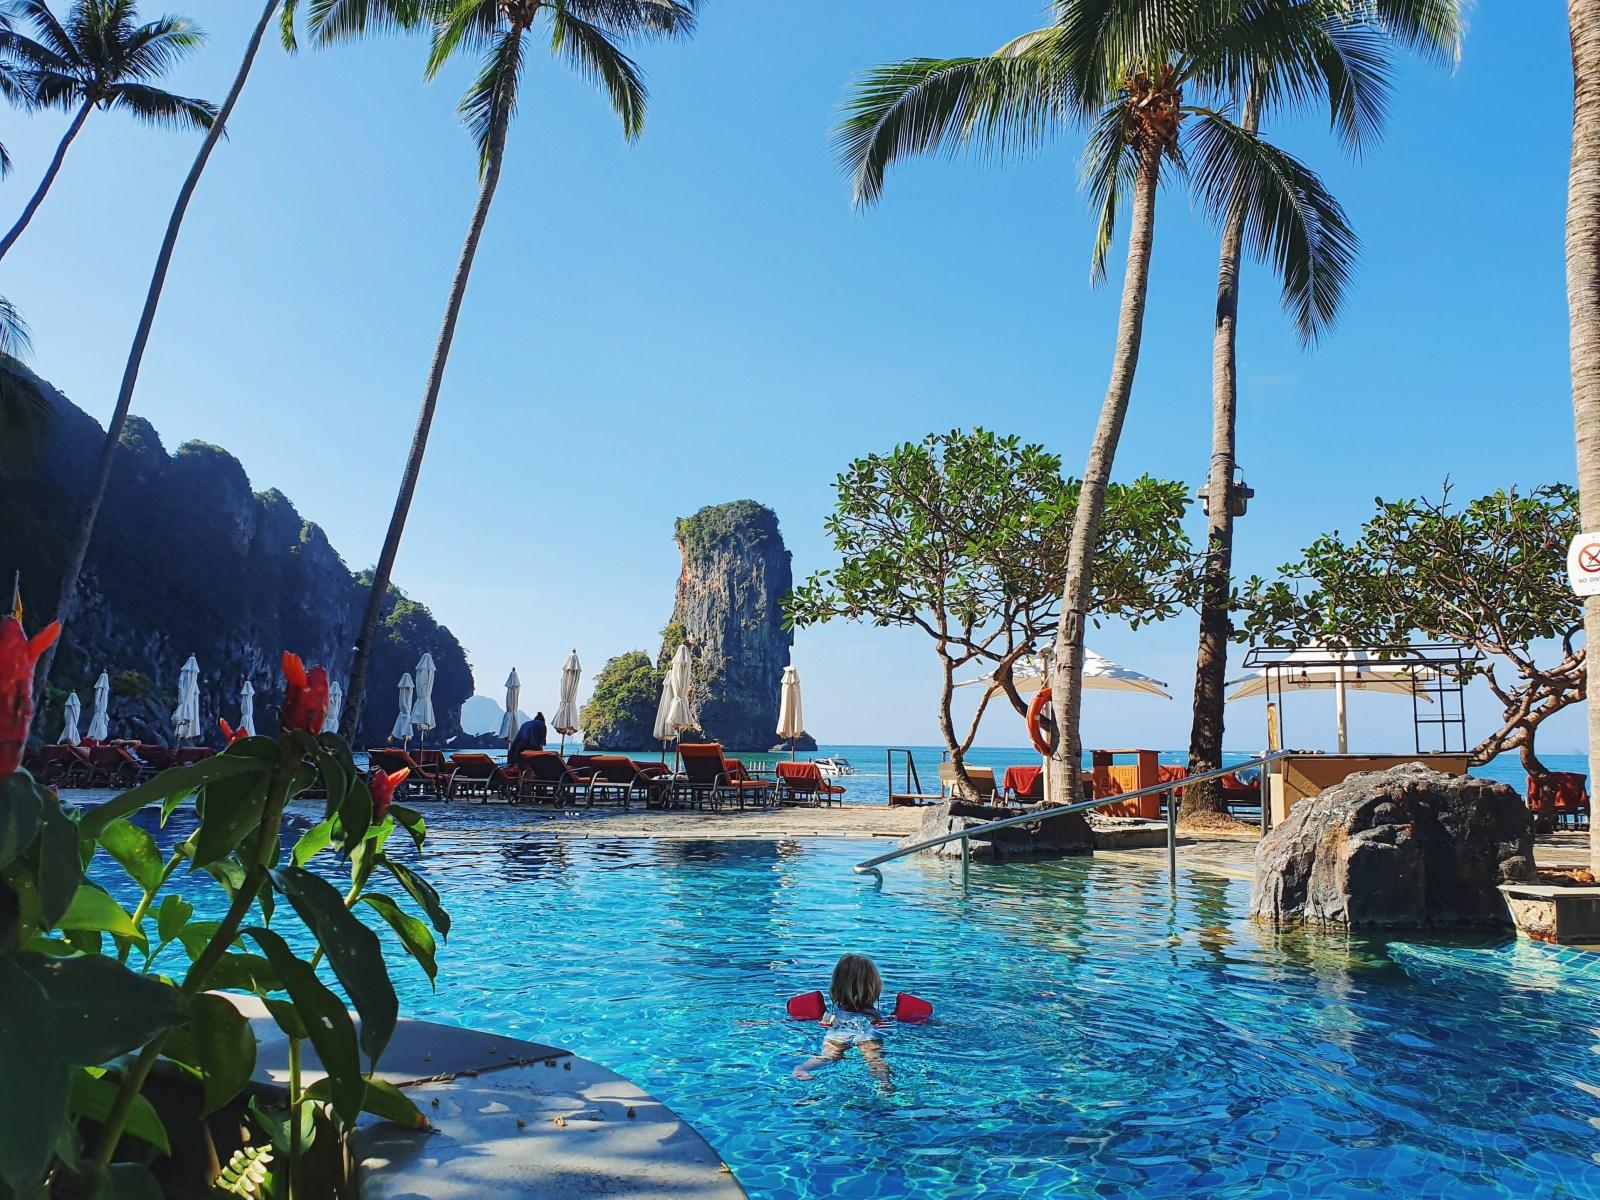 De meest kindvriendelijke hotels in Thailand